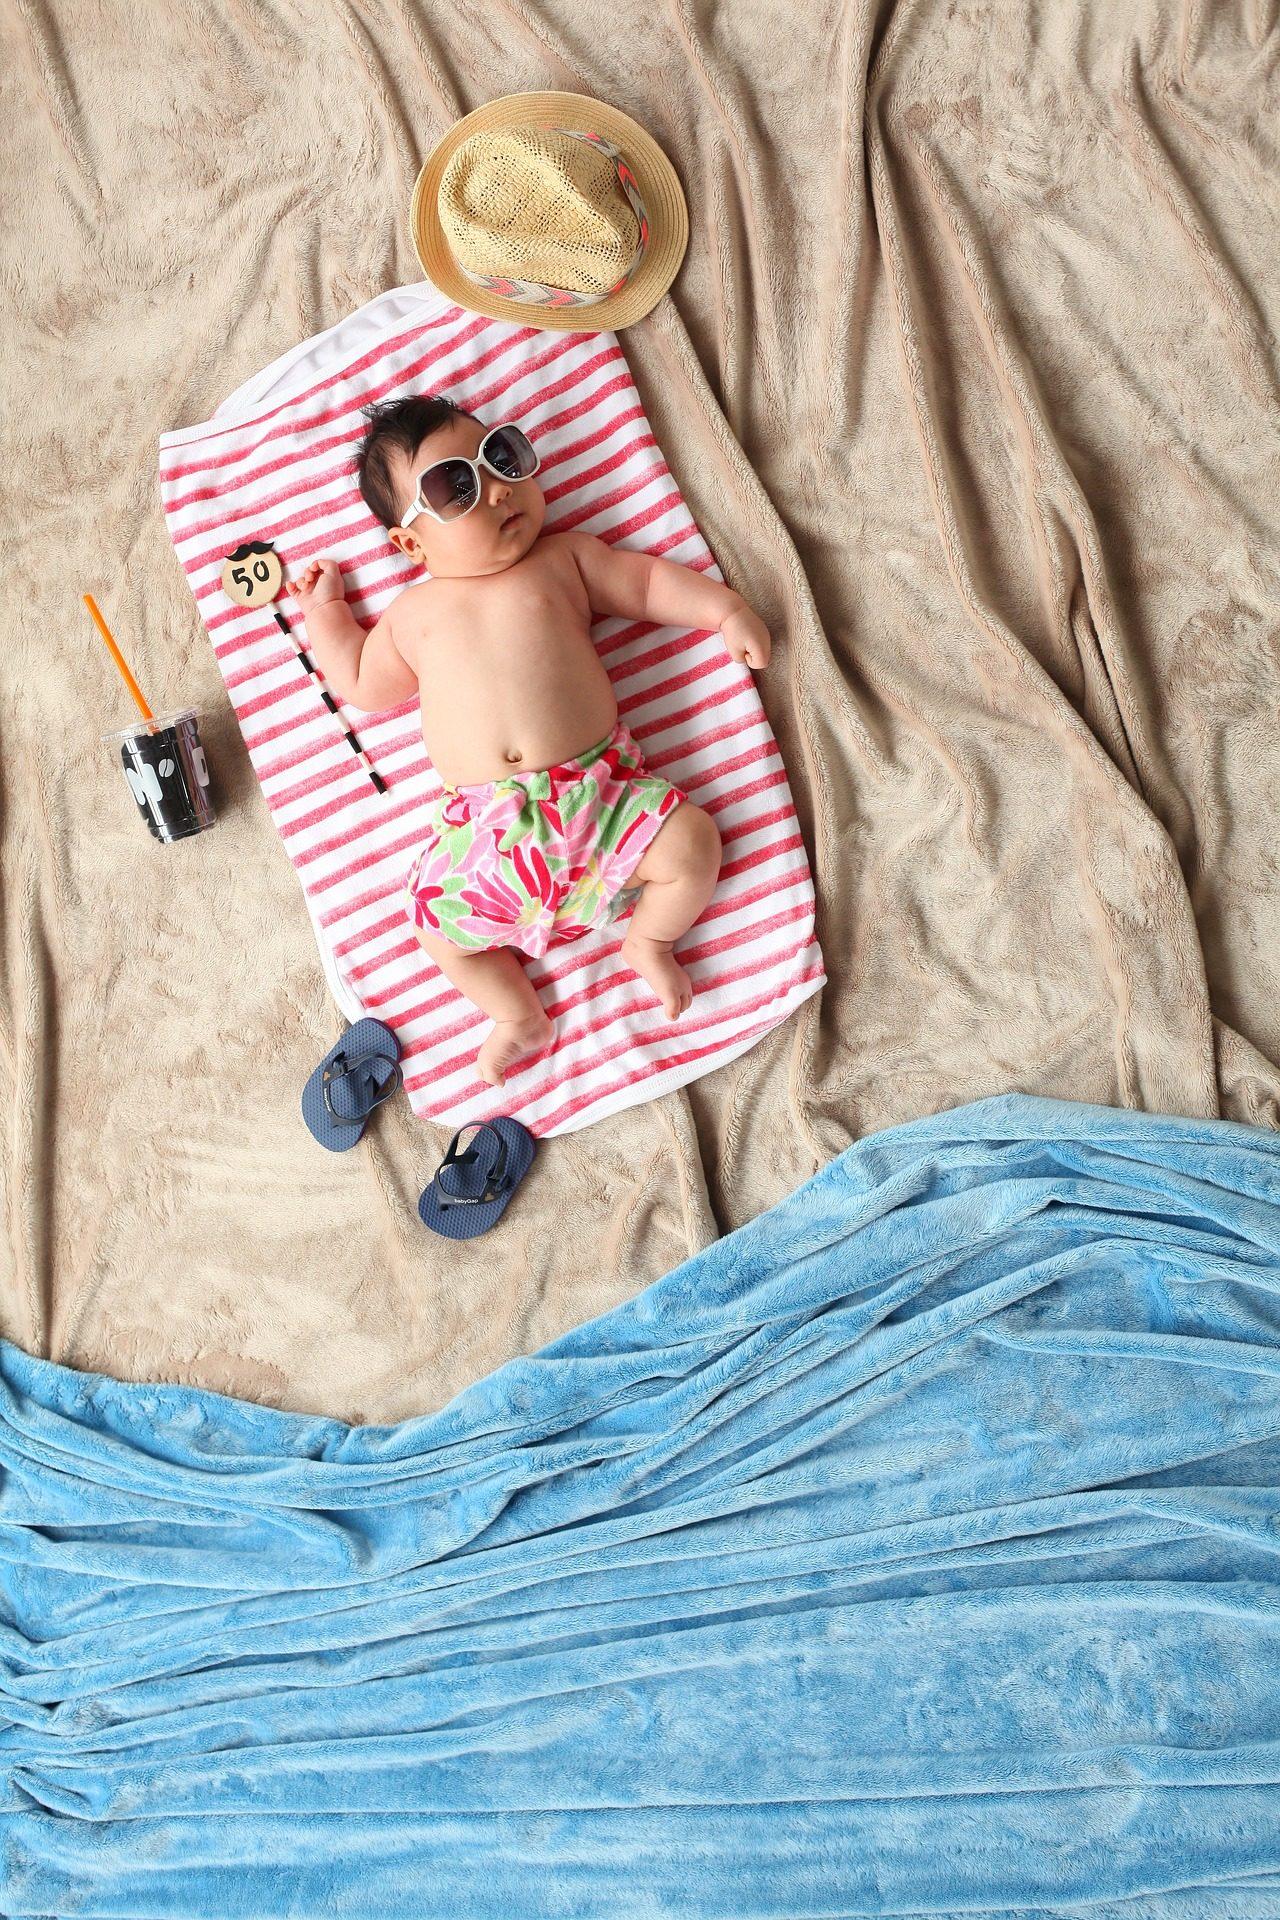 ग्रीष्मकालीन, bebé, सो, समुद्र तट, simulación - HD वॉलपेपर - प्रोफेसर-falken.com